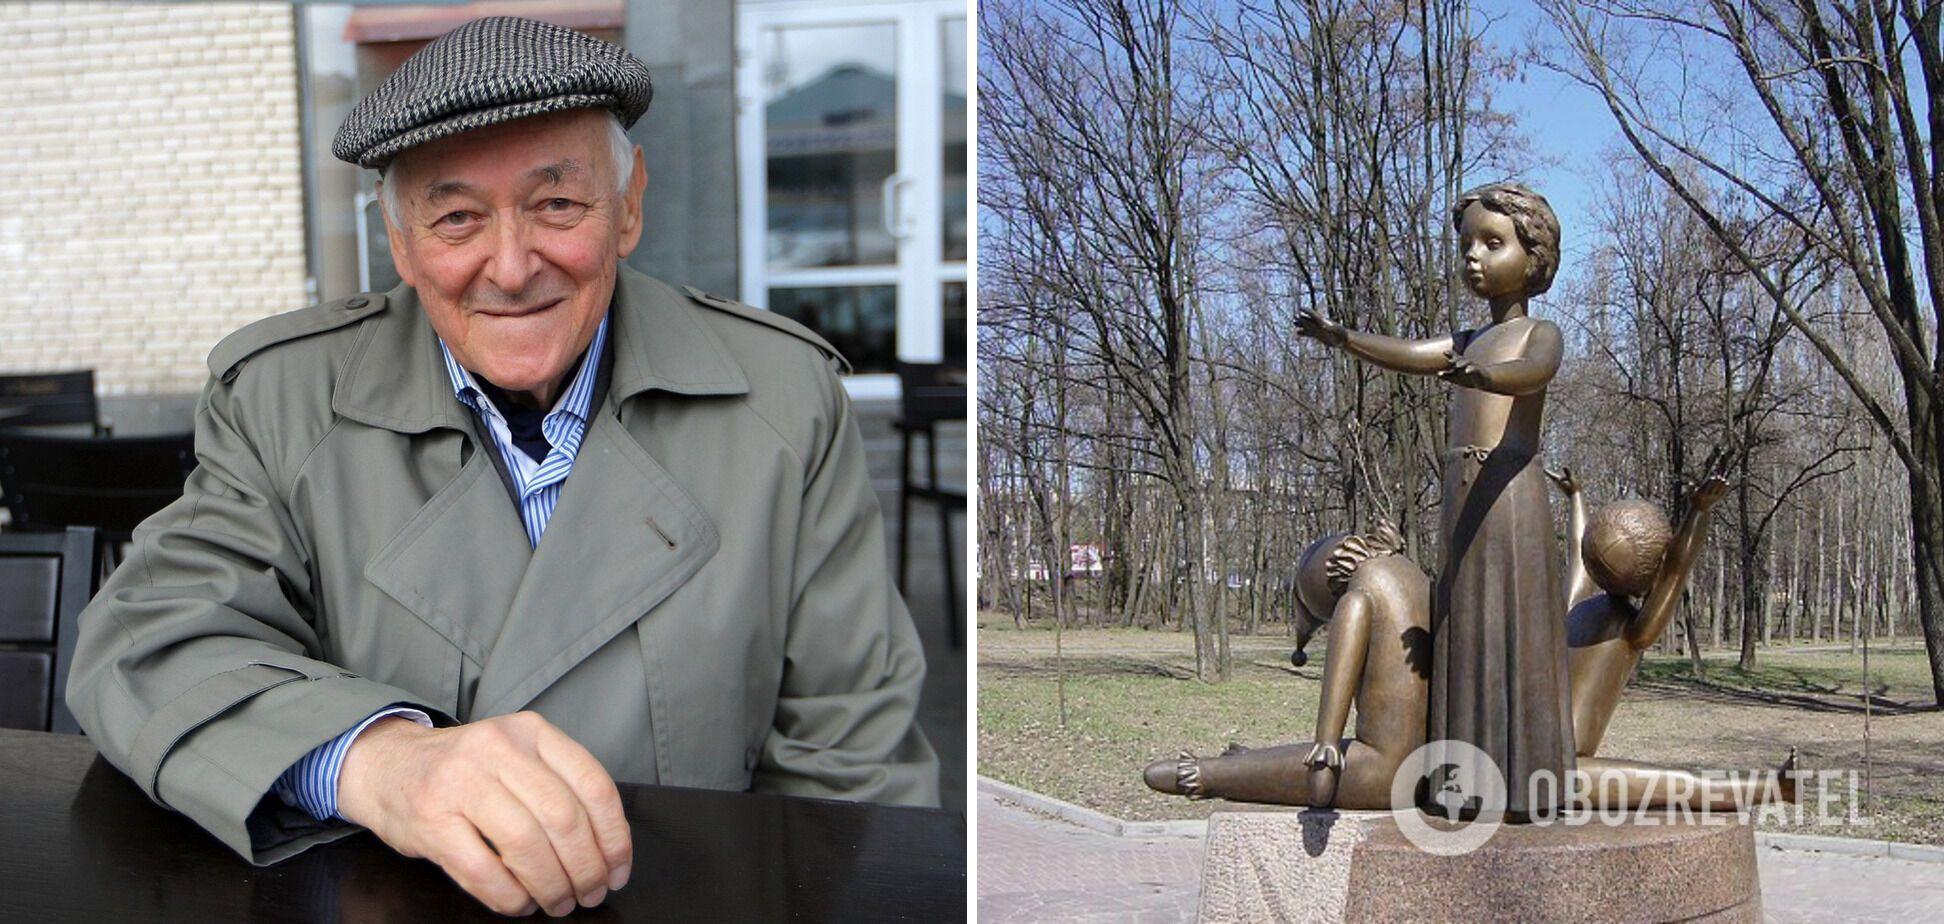 Спогад про іграшки наштовхнув Іллю Левітаса на думку, яким має бути пам'ятник дітям, загиблим у Бабиному Яру